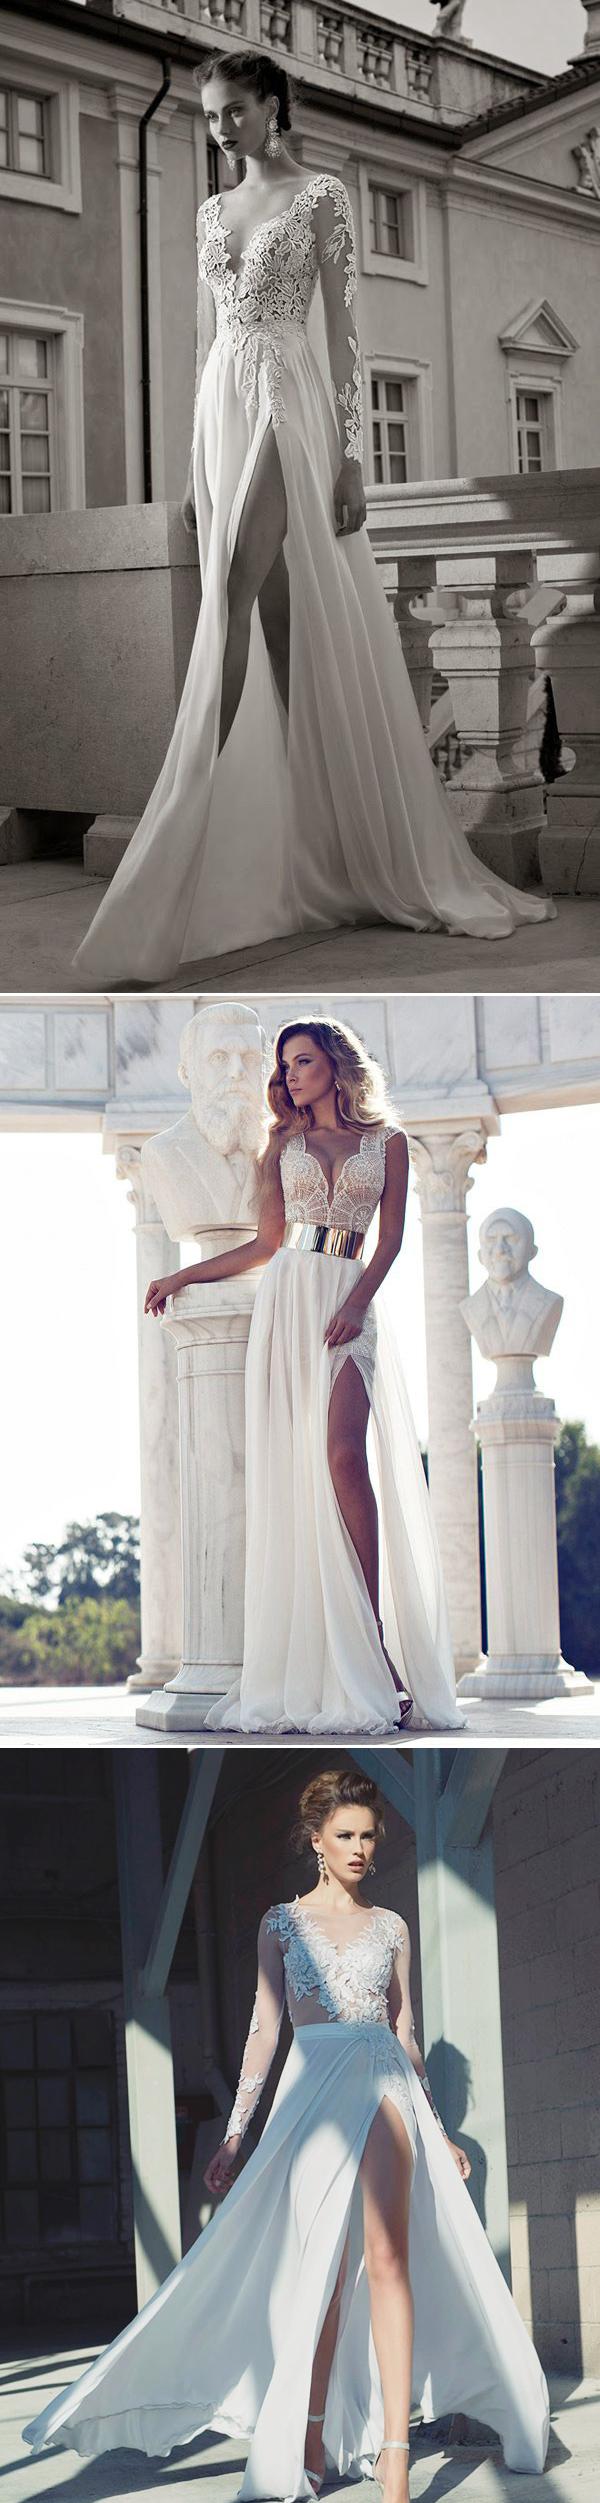 Cô dâu khoe chân nuột nà với váy xẻ cao ***